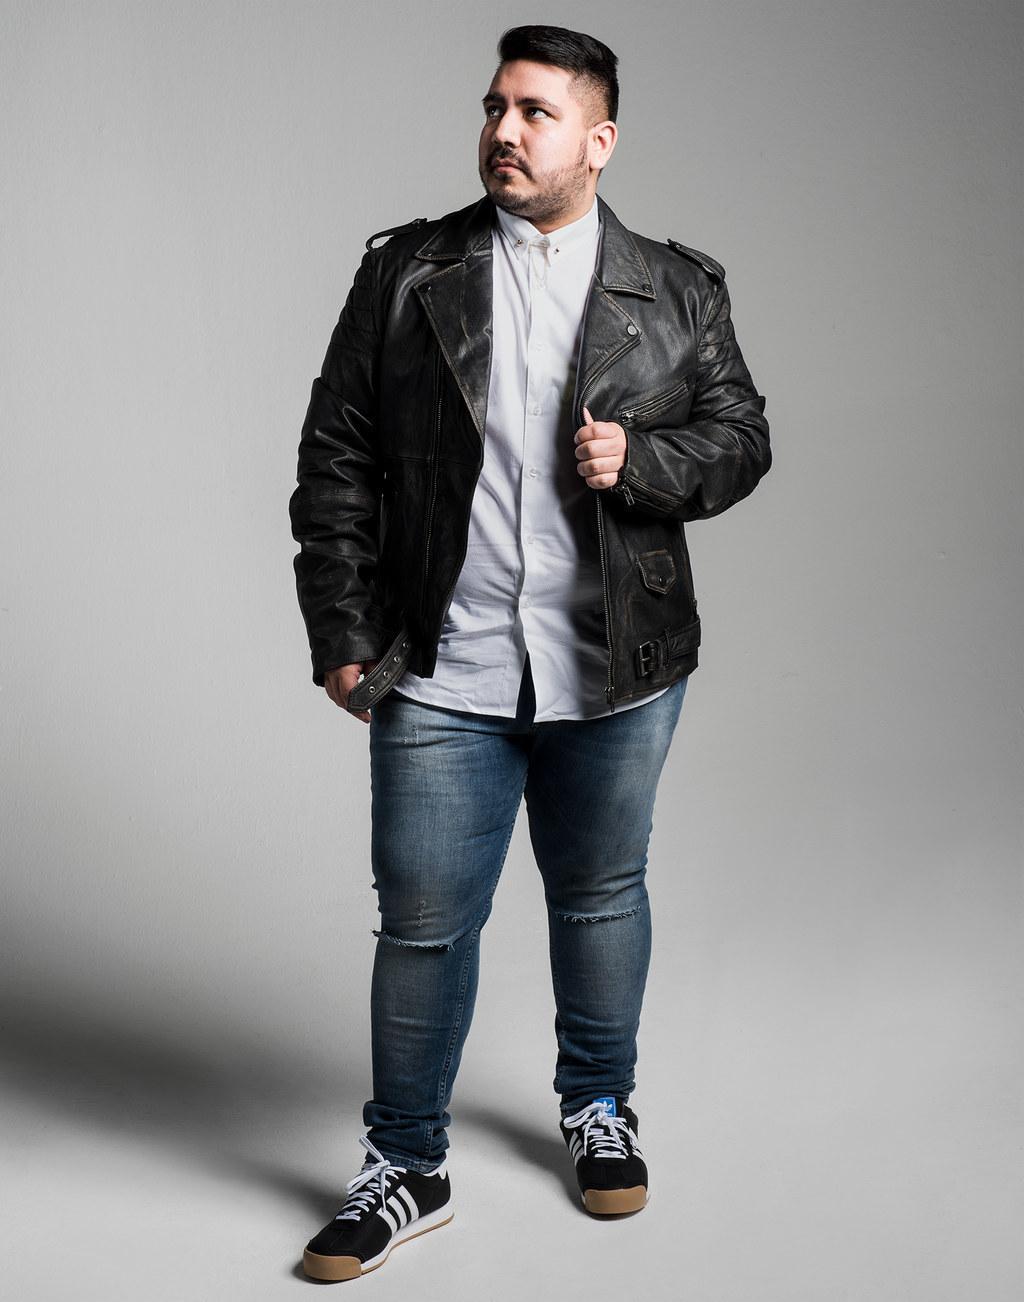 Men plus size fashion 62